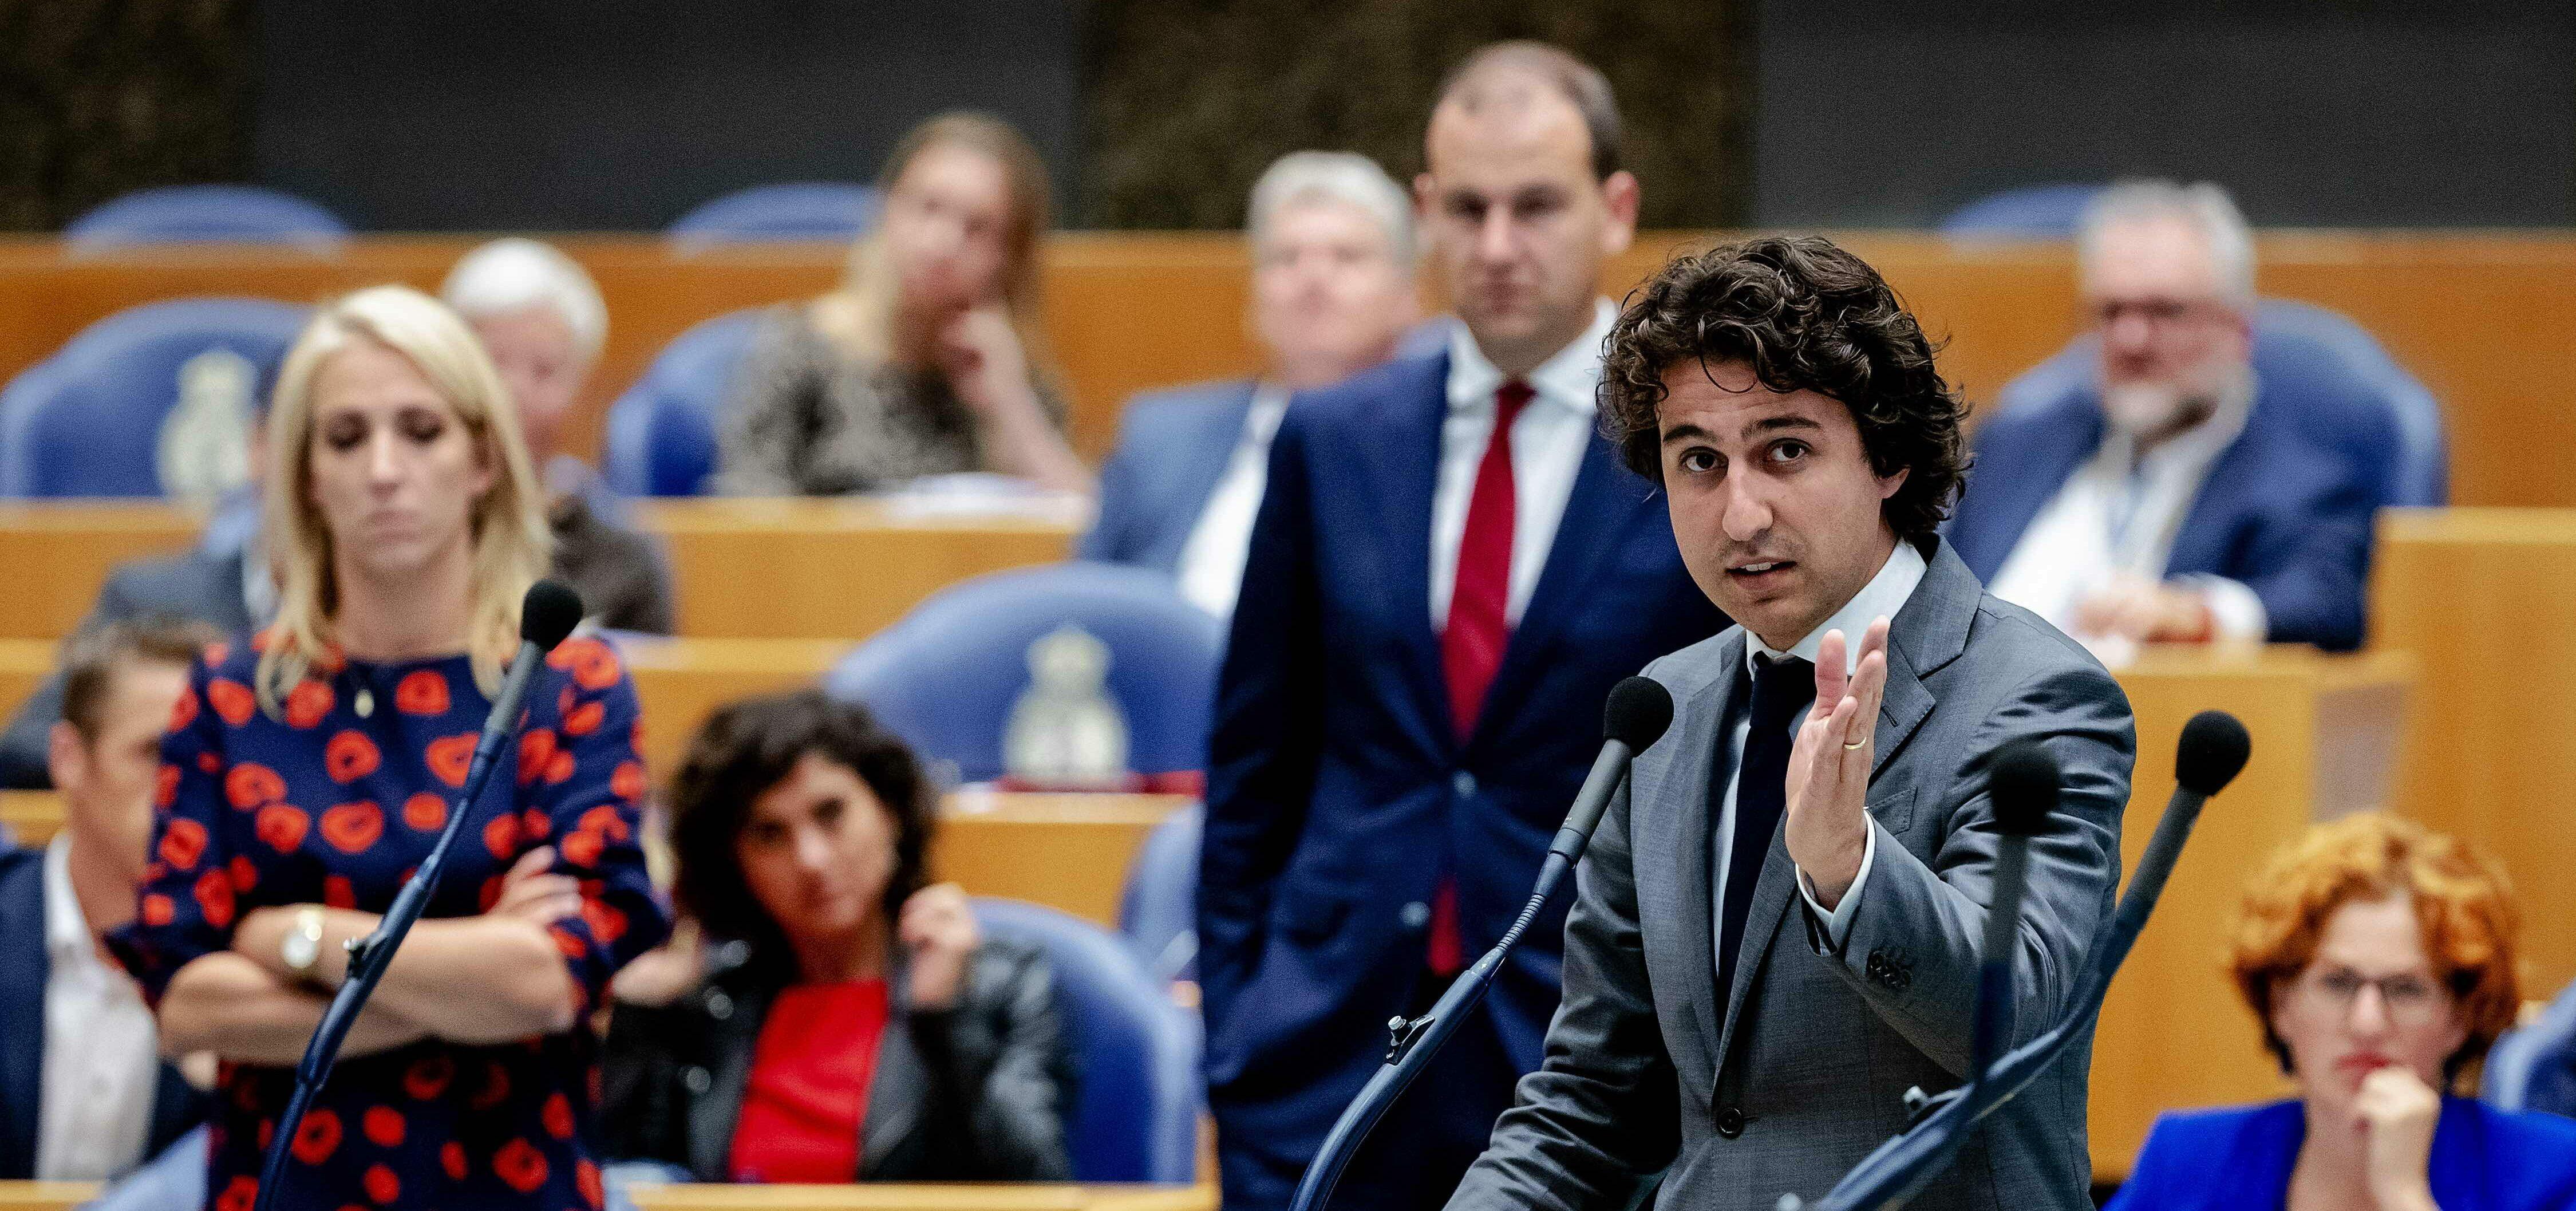 GroenLinks wil na verkiezingen regeren met links blok